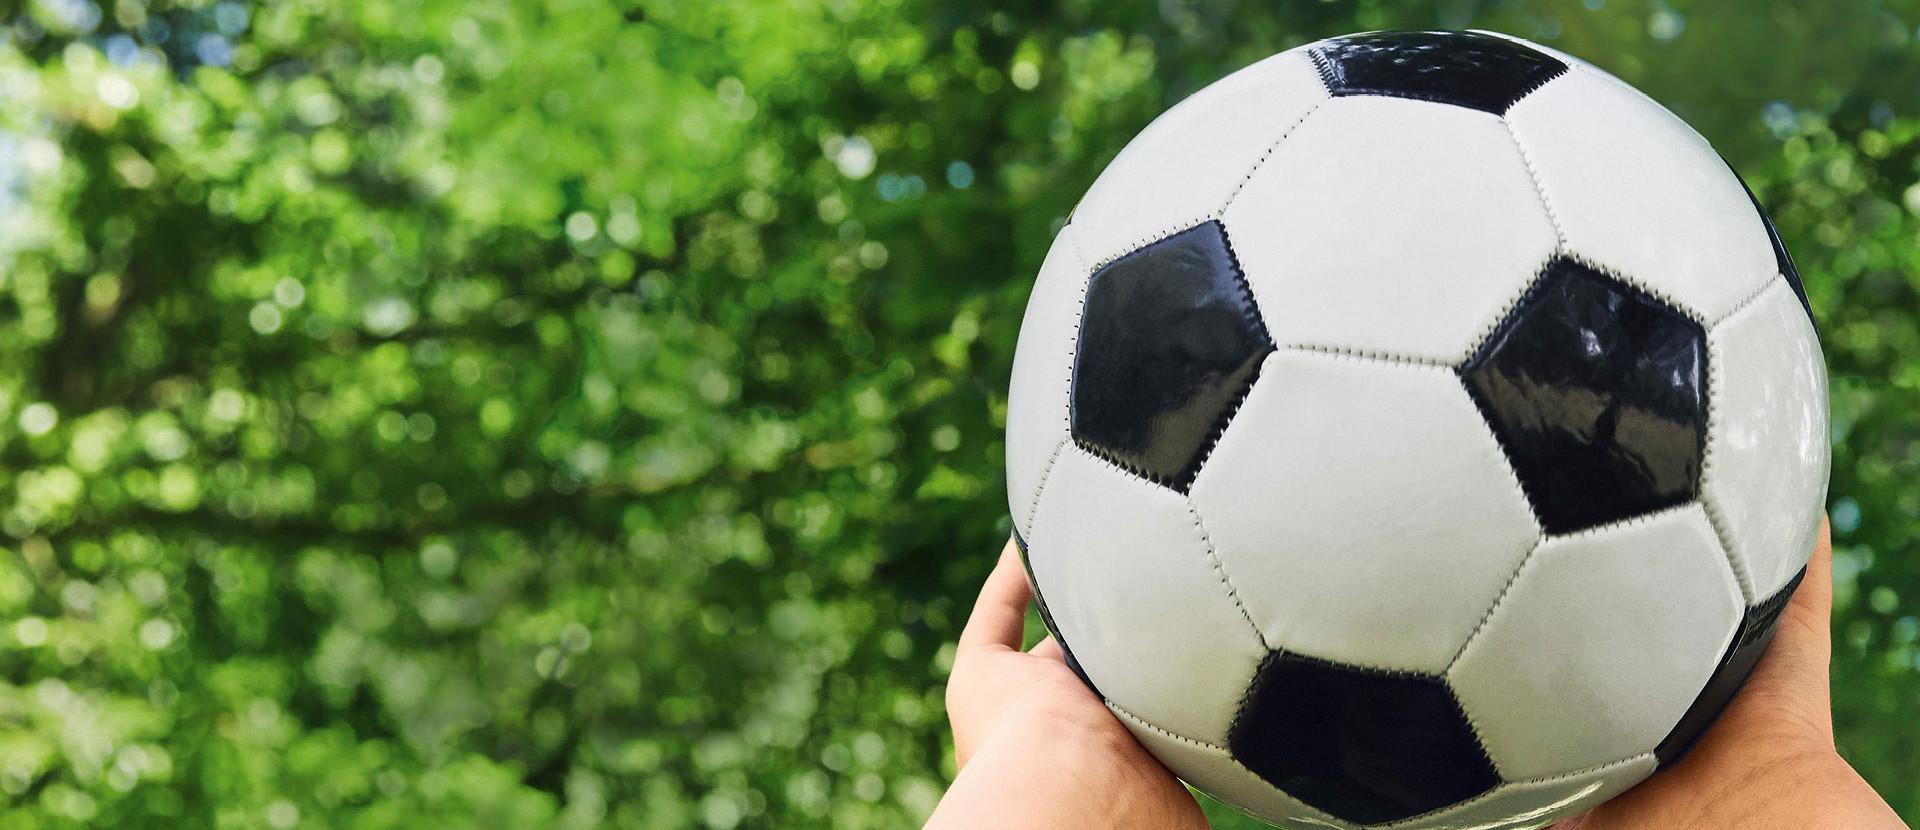 zwei Händer mit Fussball